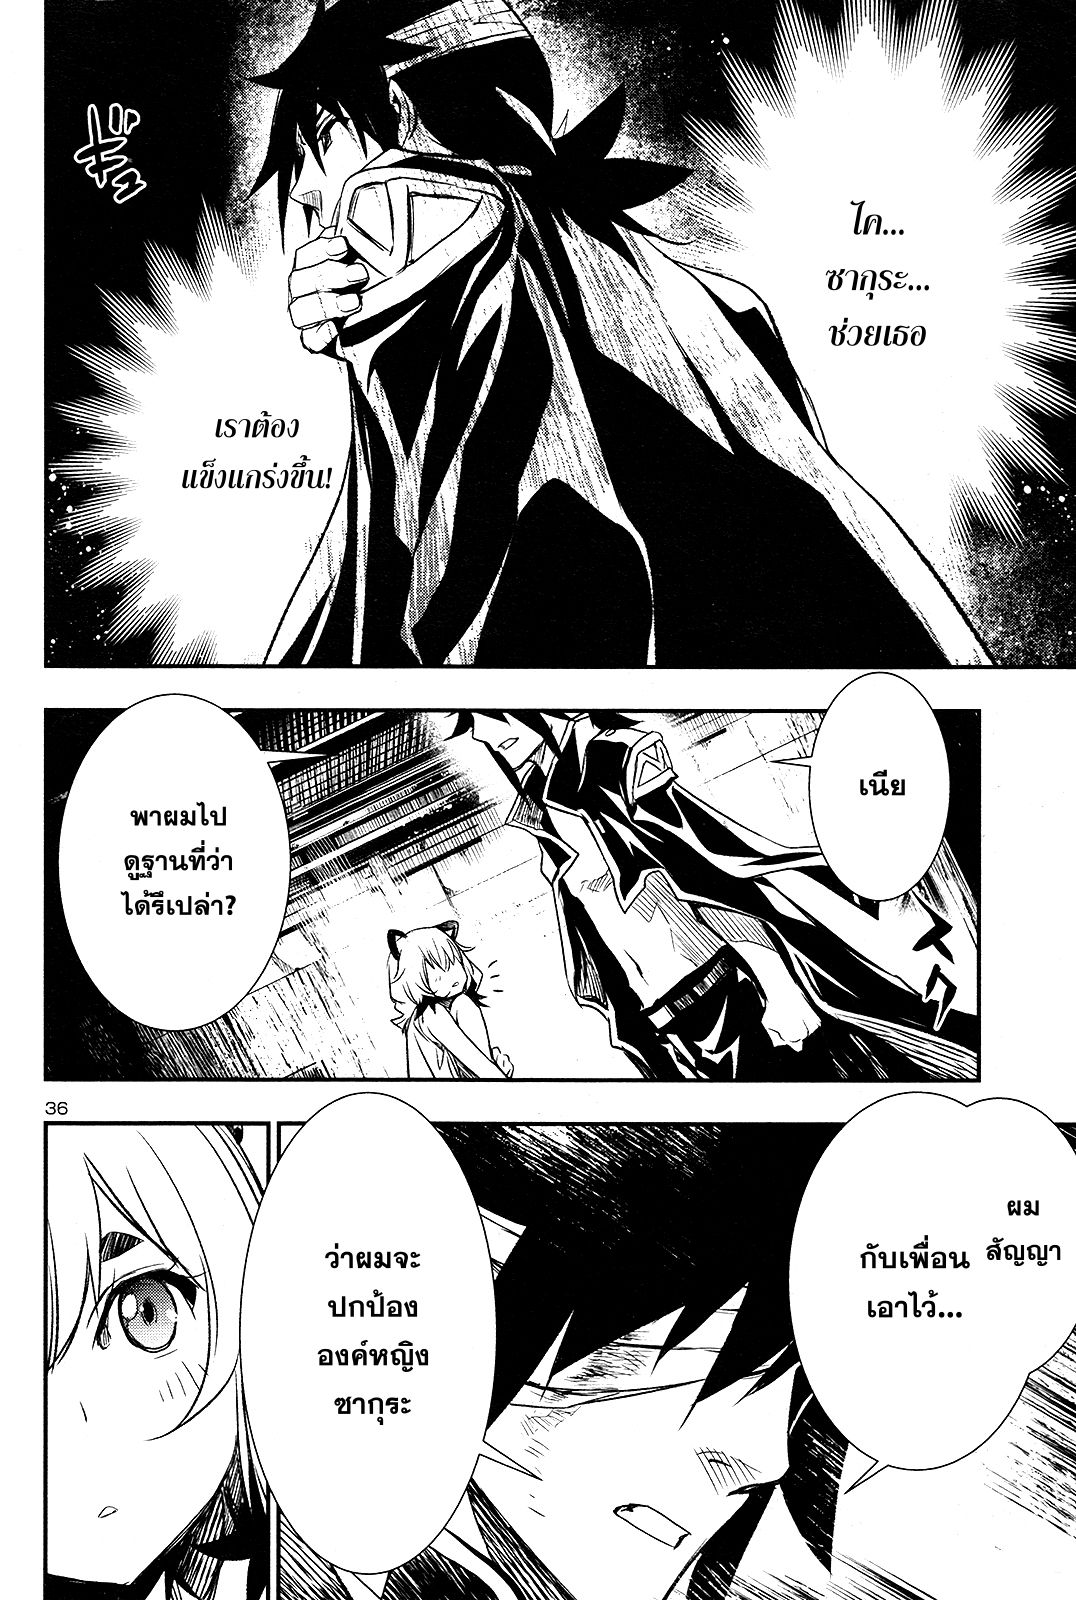 อ่านการ์ตูน Shinju no Nectar ตอนที่ 4 หน้าที่ 36